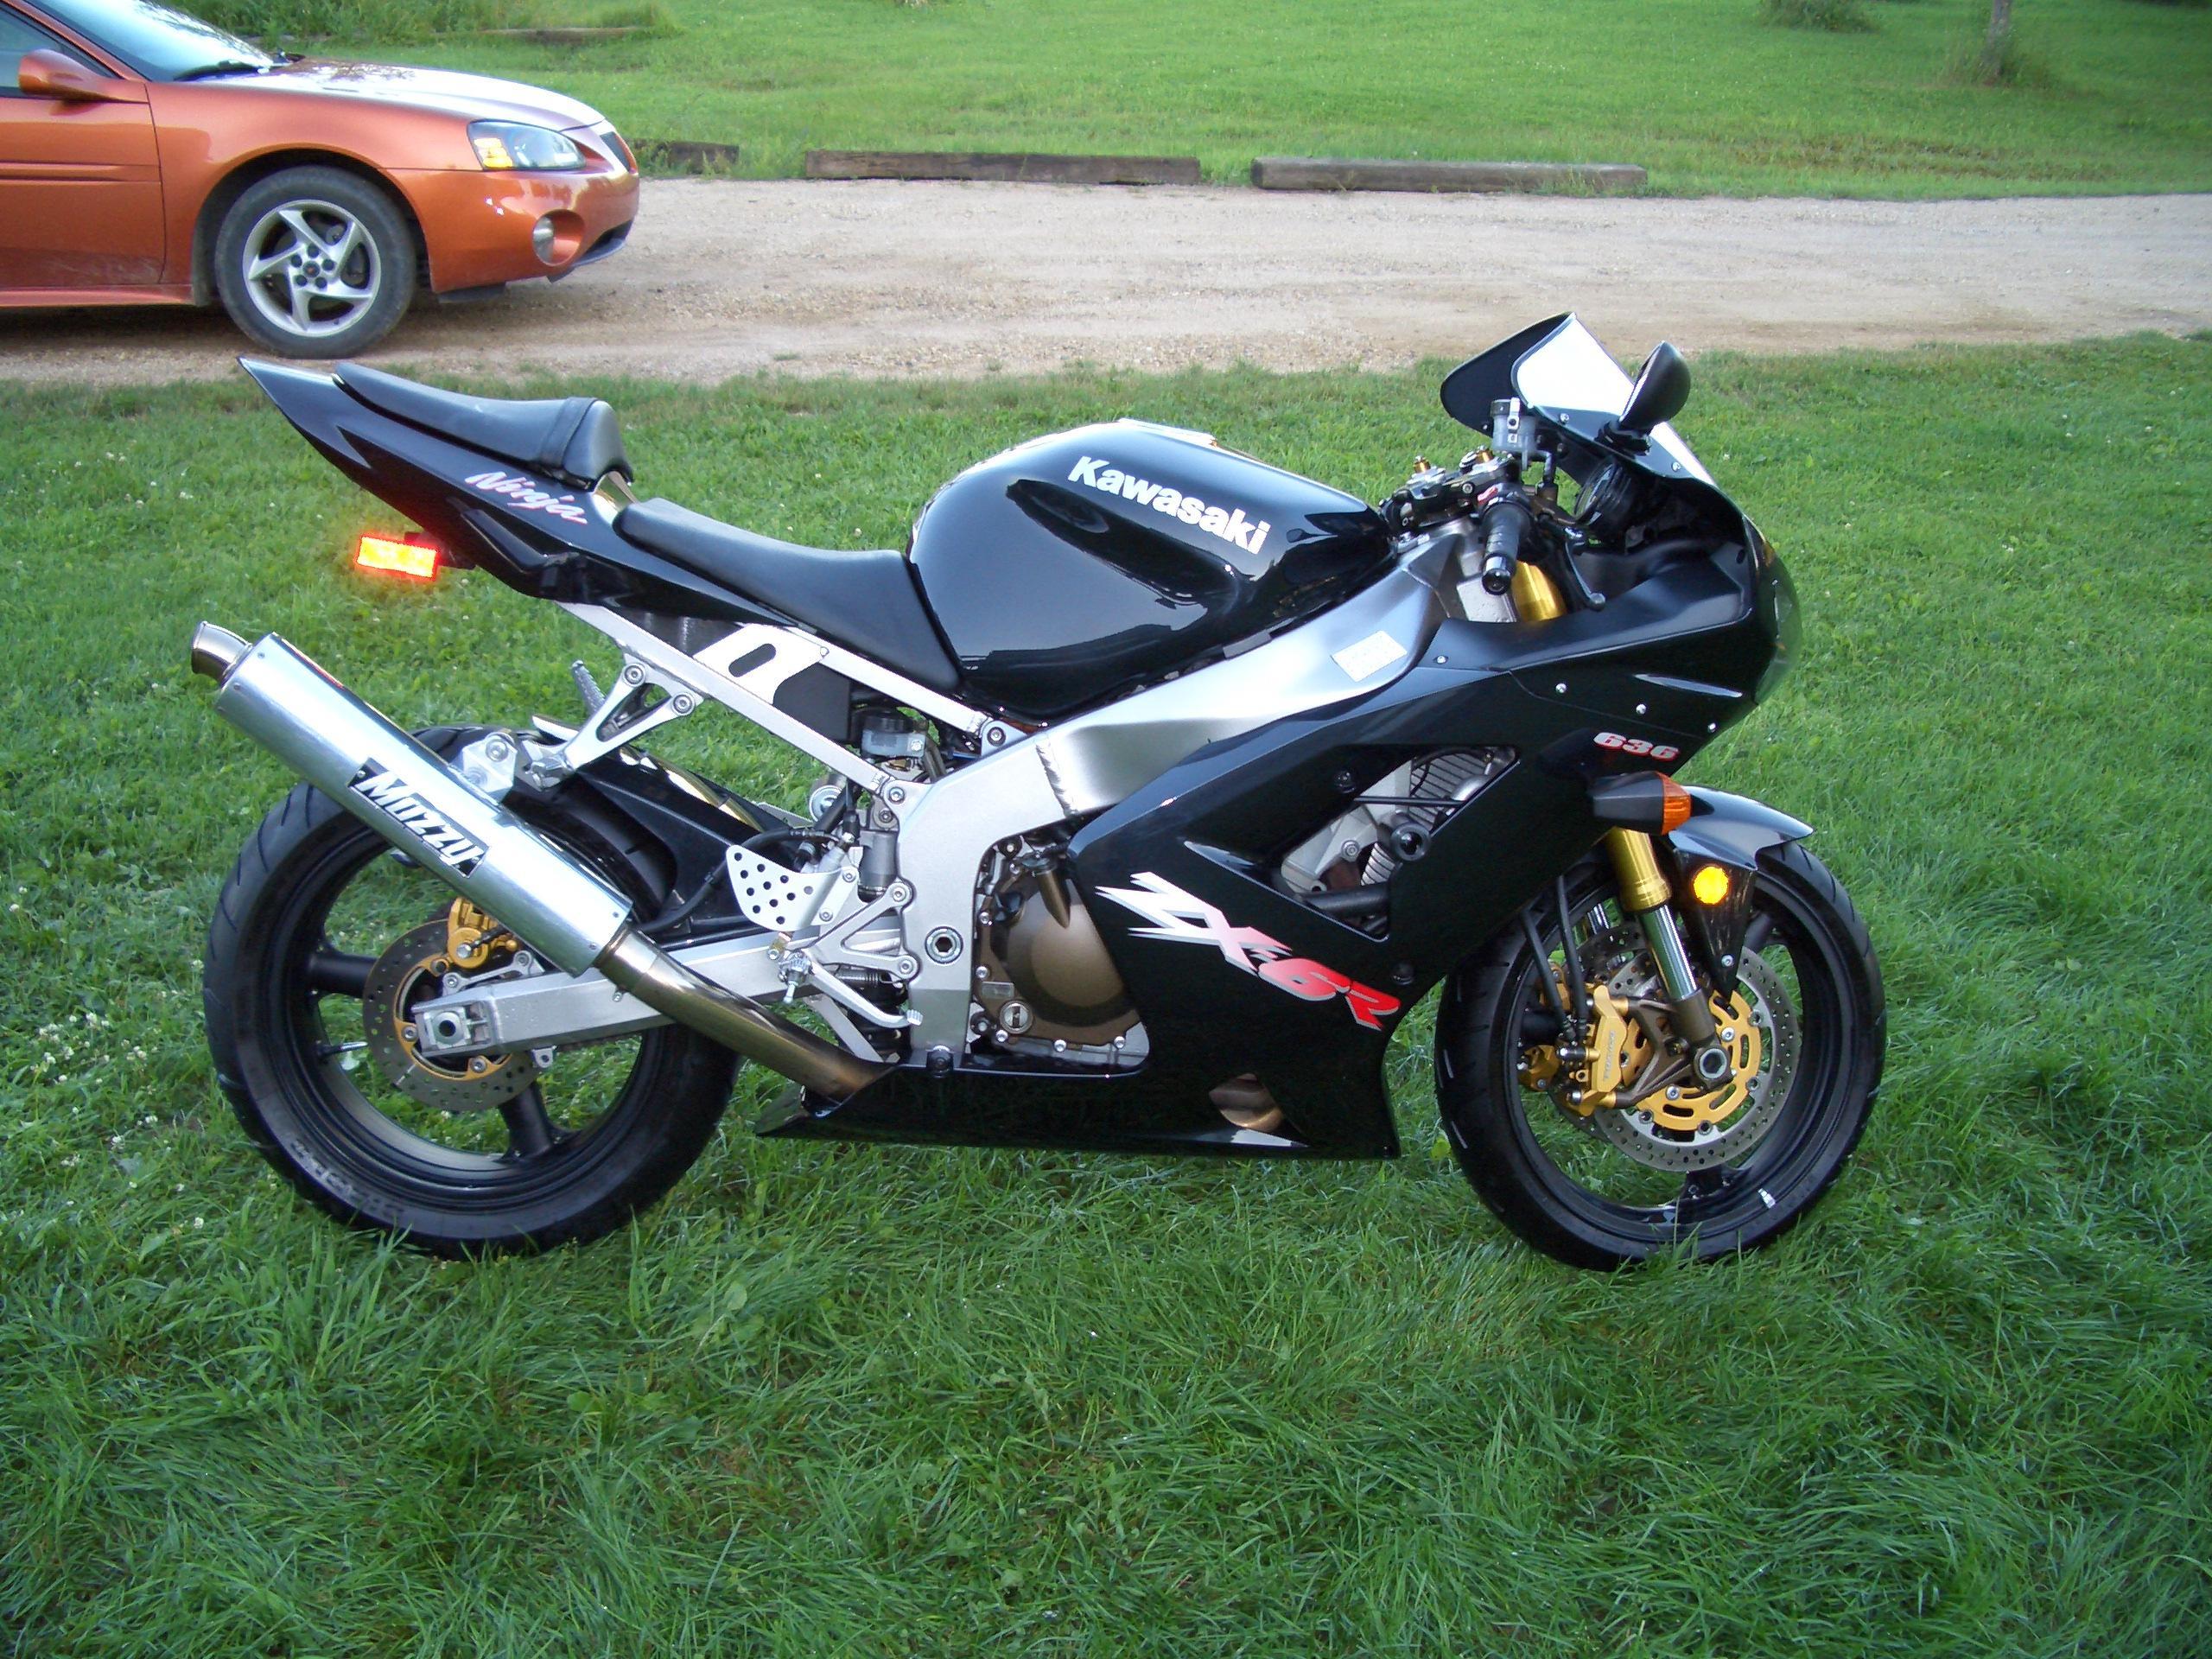 2003 Kawasaki ZX6R 636 - Sportbikes.net